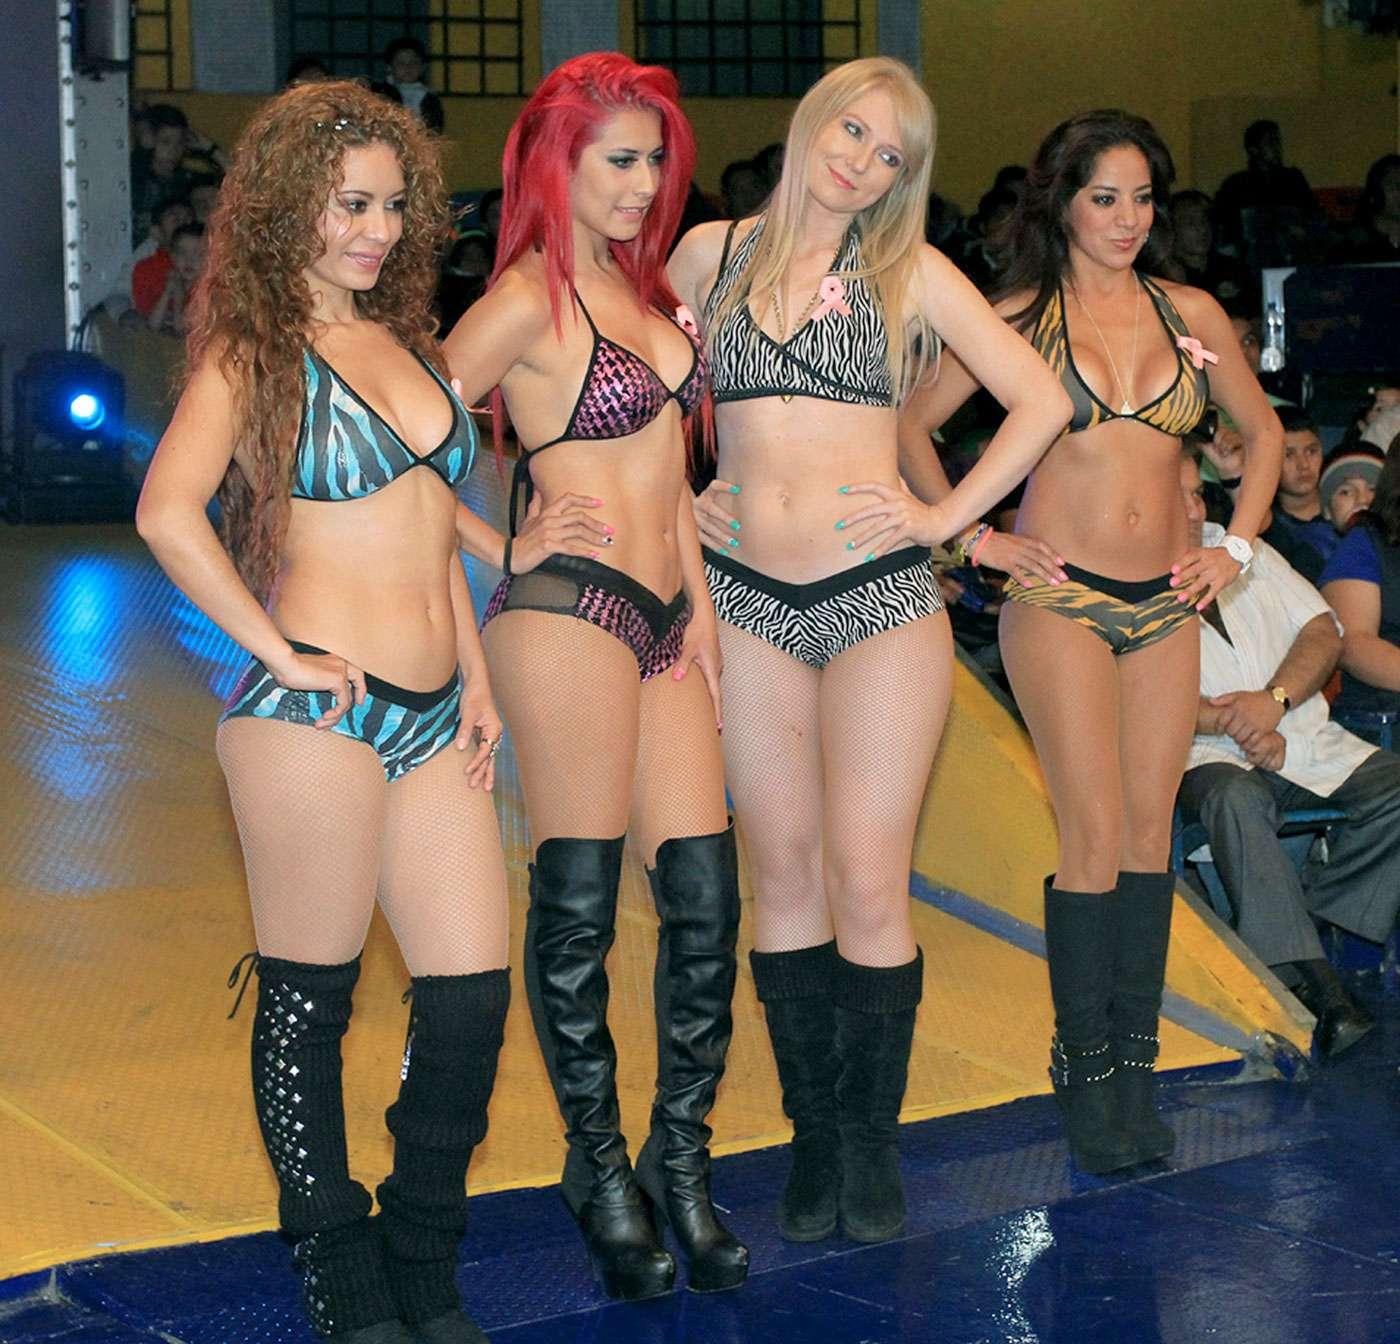 Las bellas Diosas del Ring animan a los aficionados que asistieron a la Arena Coliseo a disfrutar las batallas del Consejo Mundial de Lucha Libre. Foto: Terra